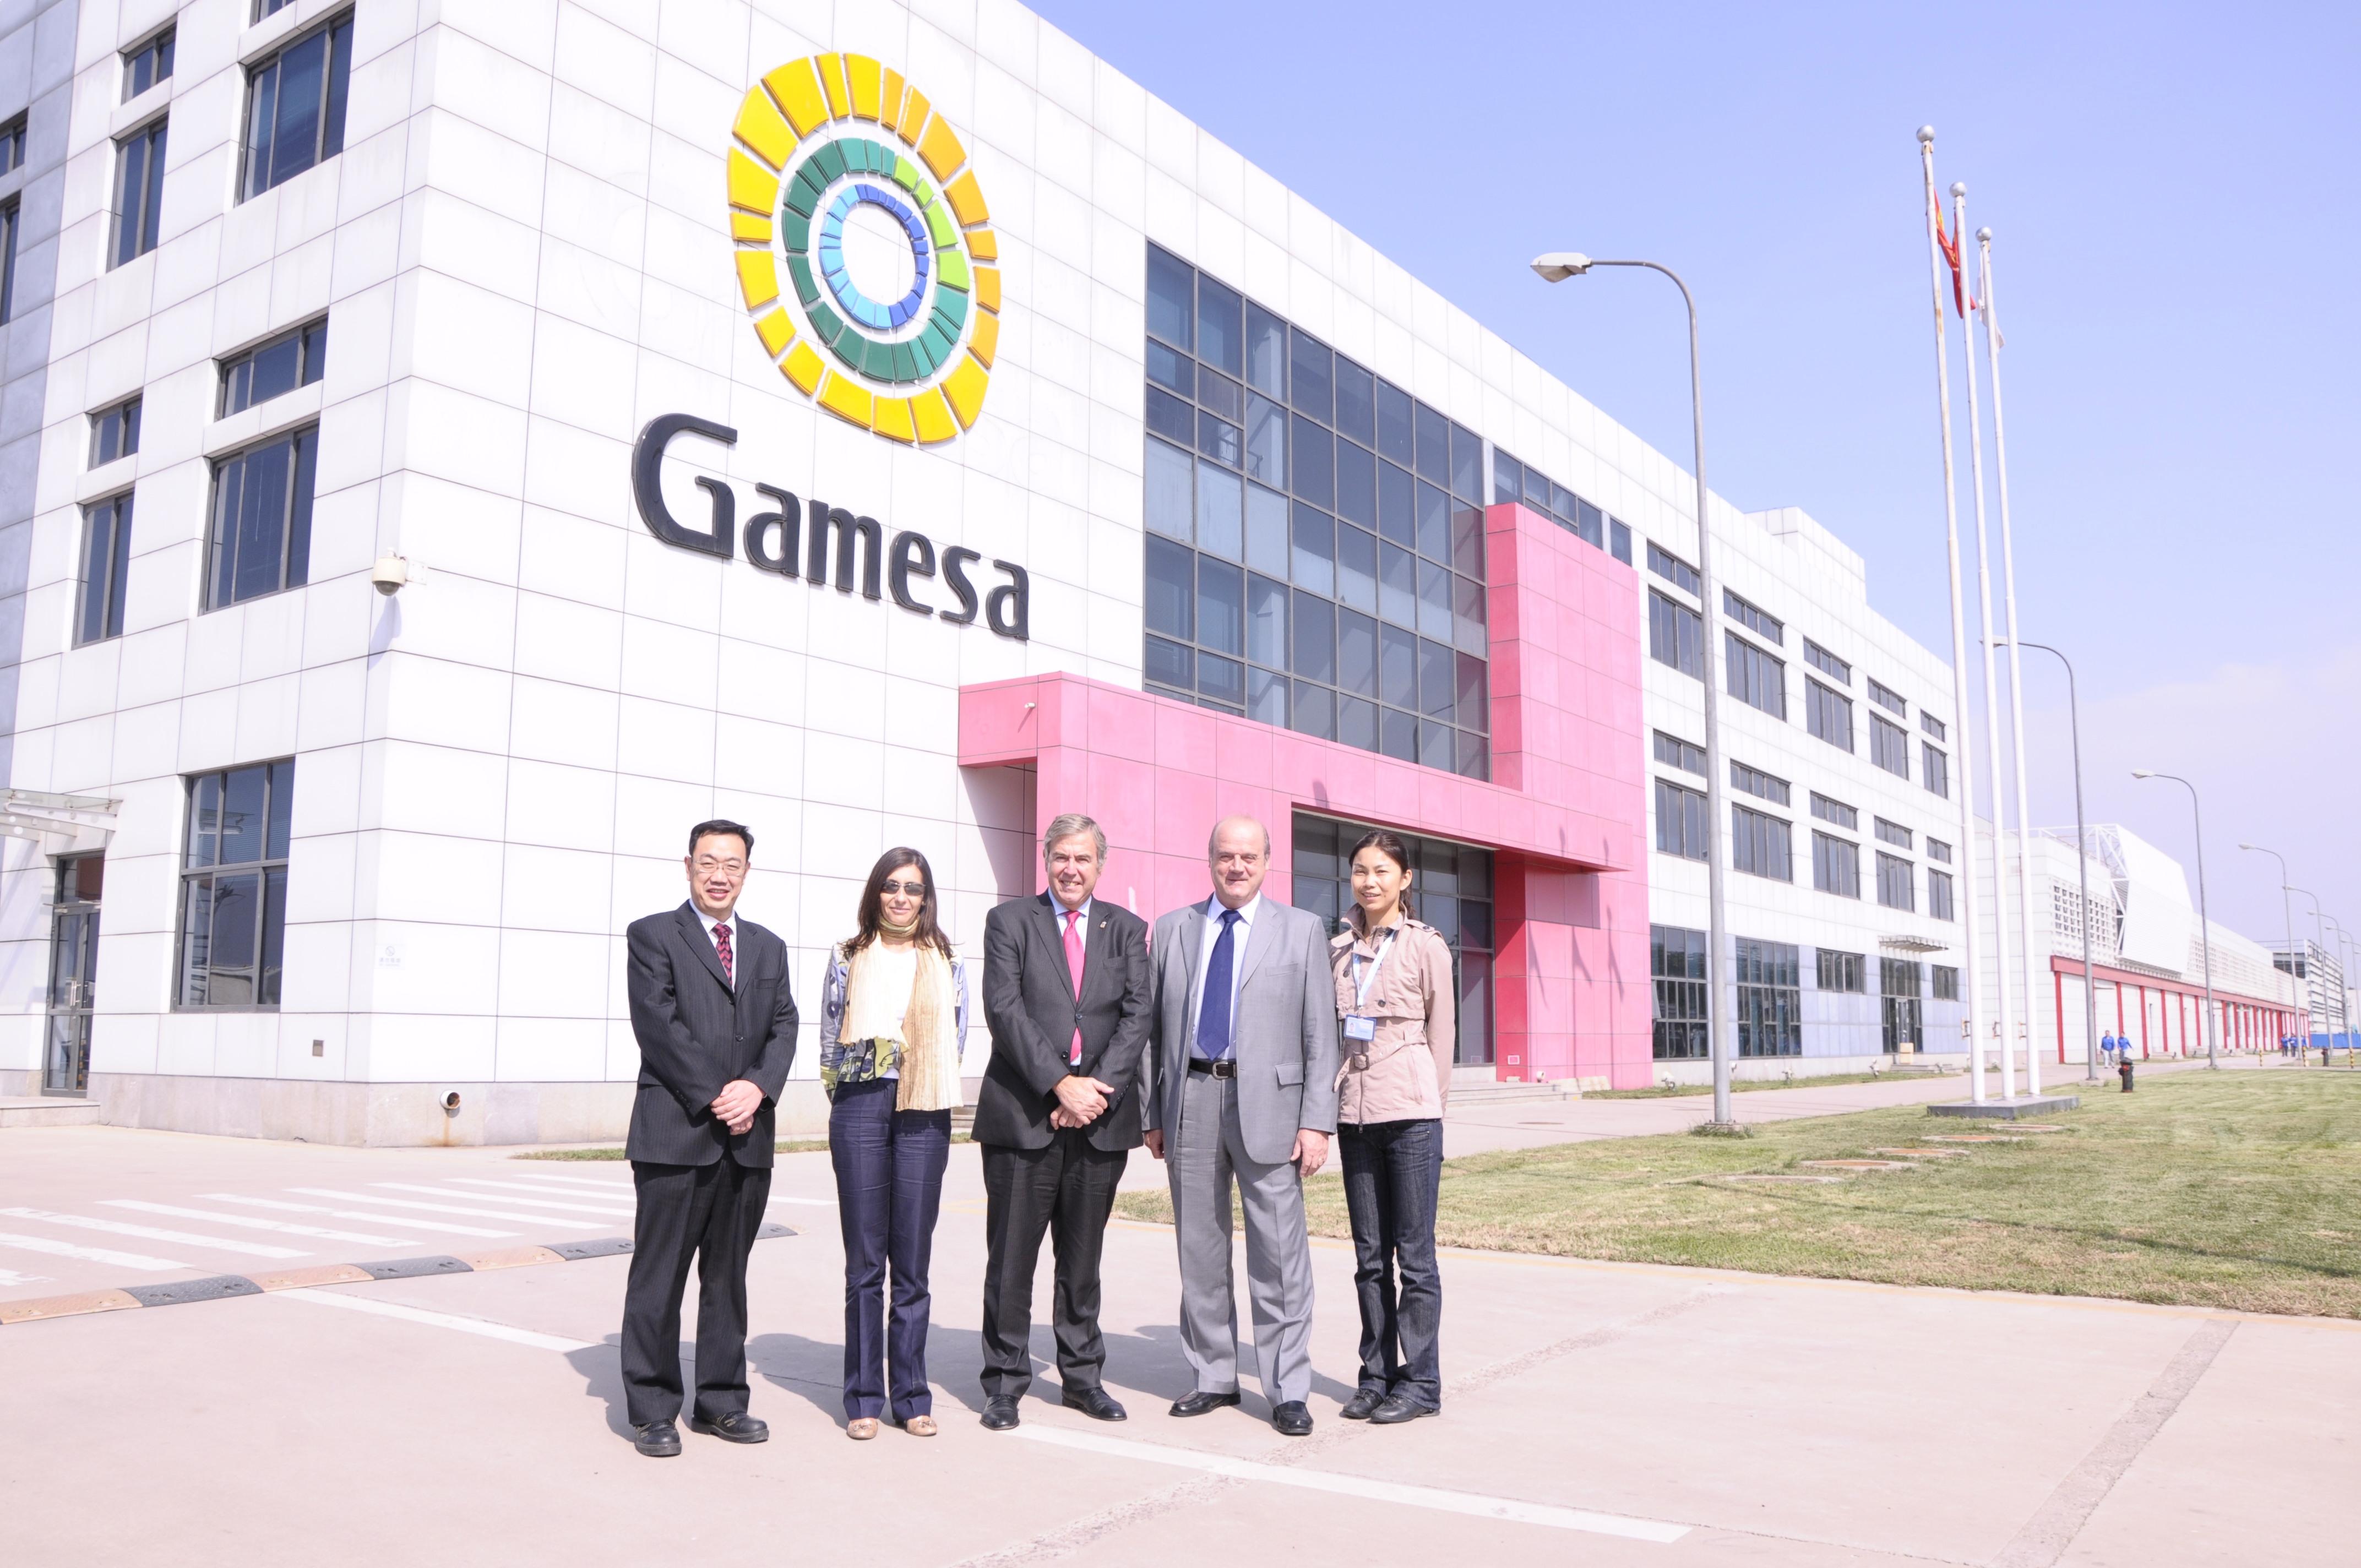 El consejero Roig cierra su viaje oficial a China en Gamesa